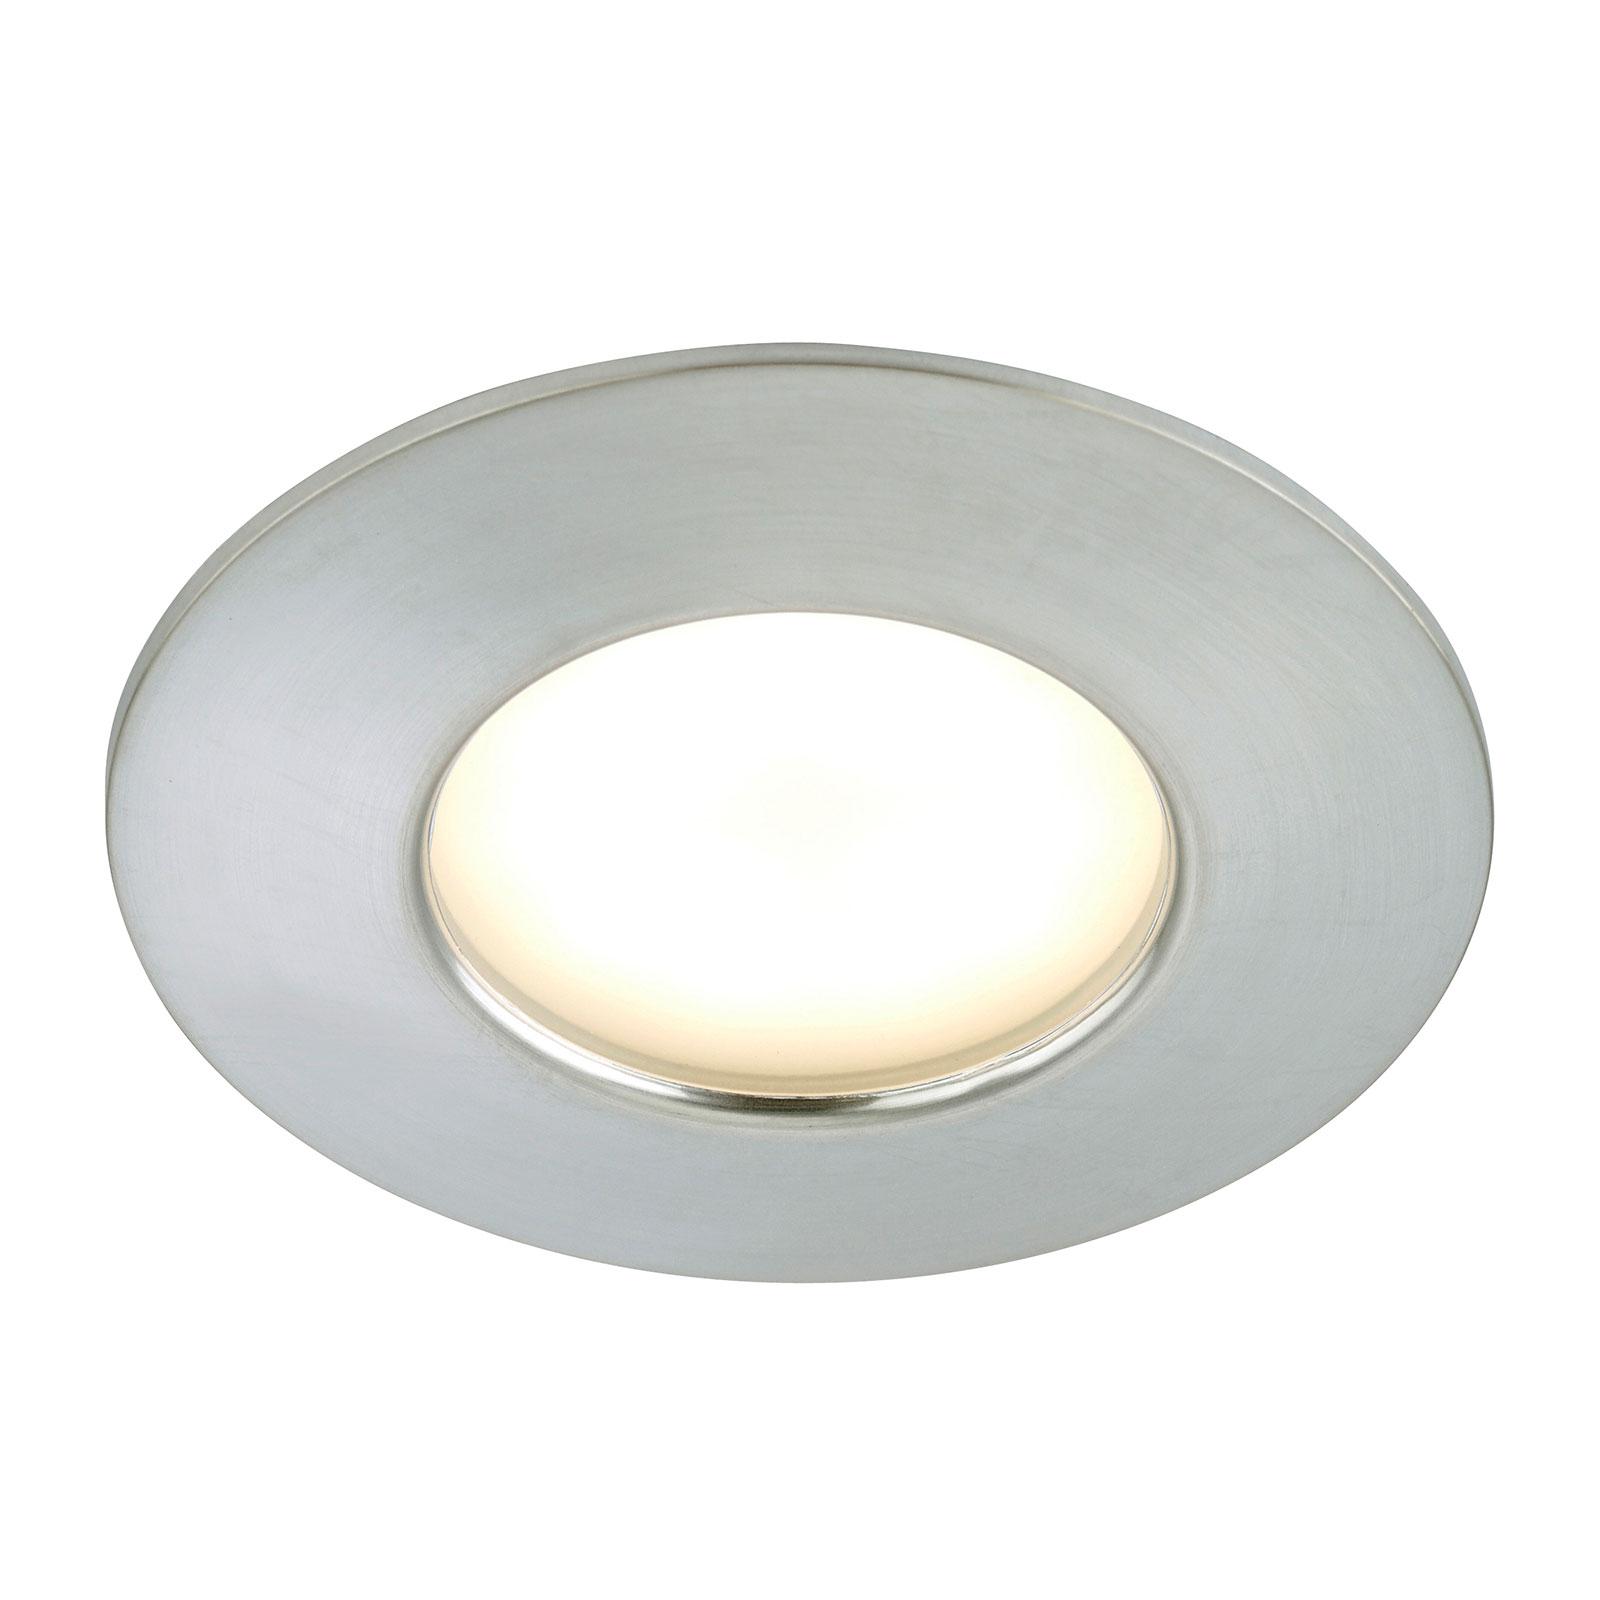 Aluminiumkleurige LED inbouwlamp Felia, IP44